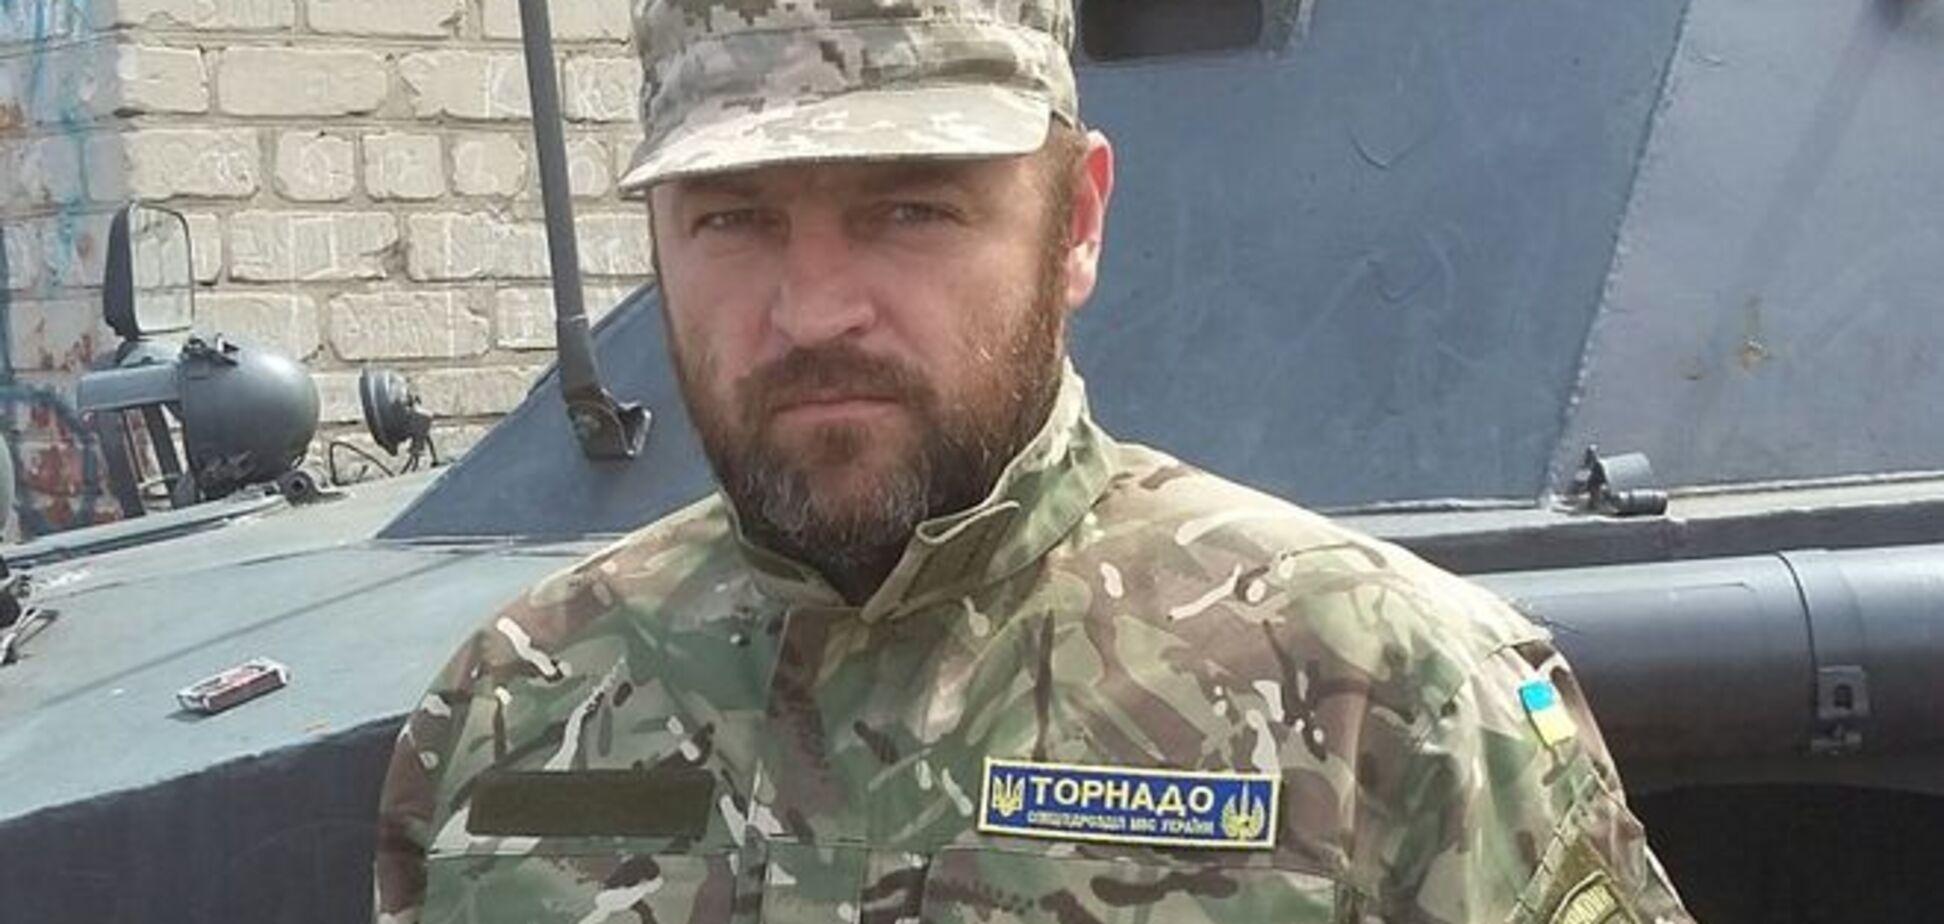 Замкомбата 'Торнадо': Мы не дадим Киеву уголь фашистов из 'ЛНР'